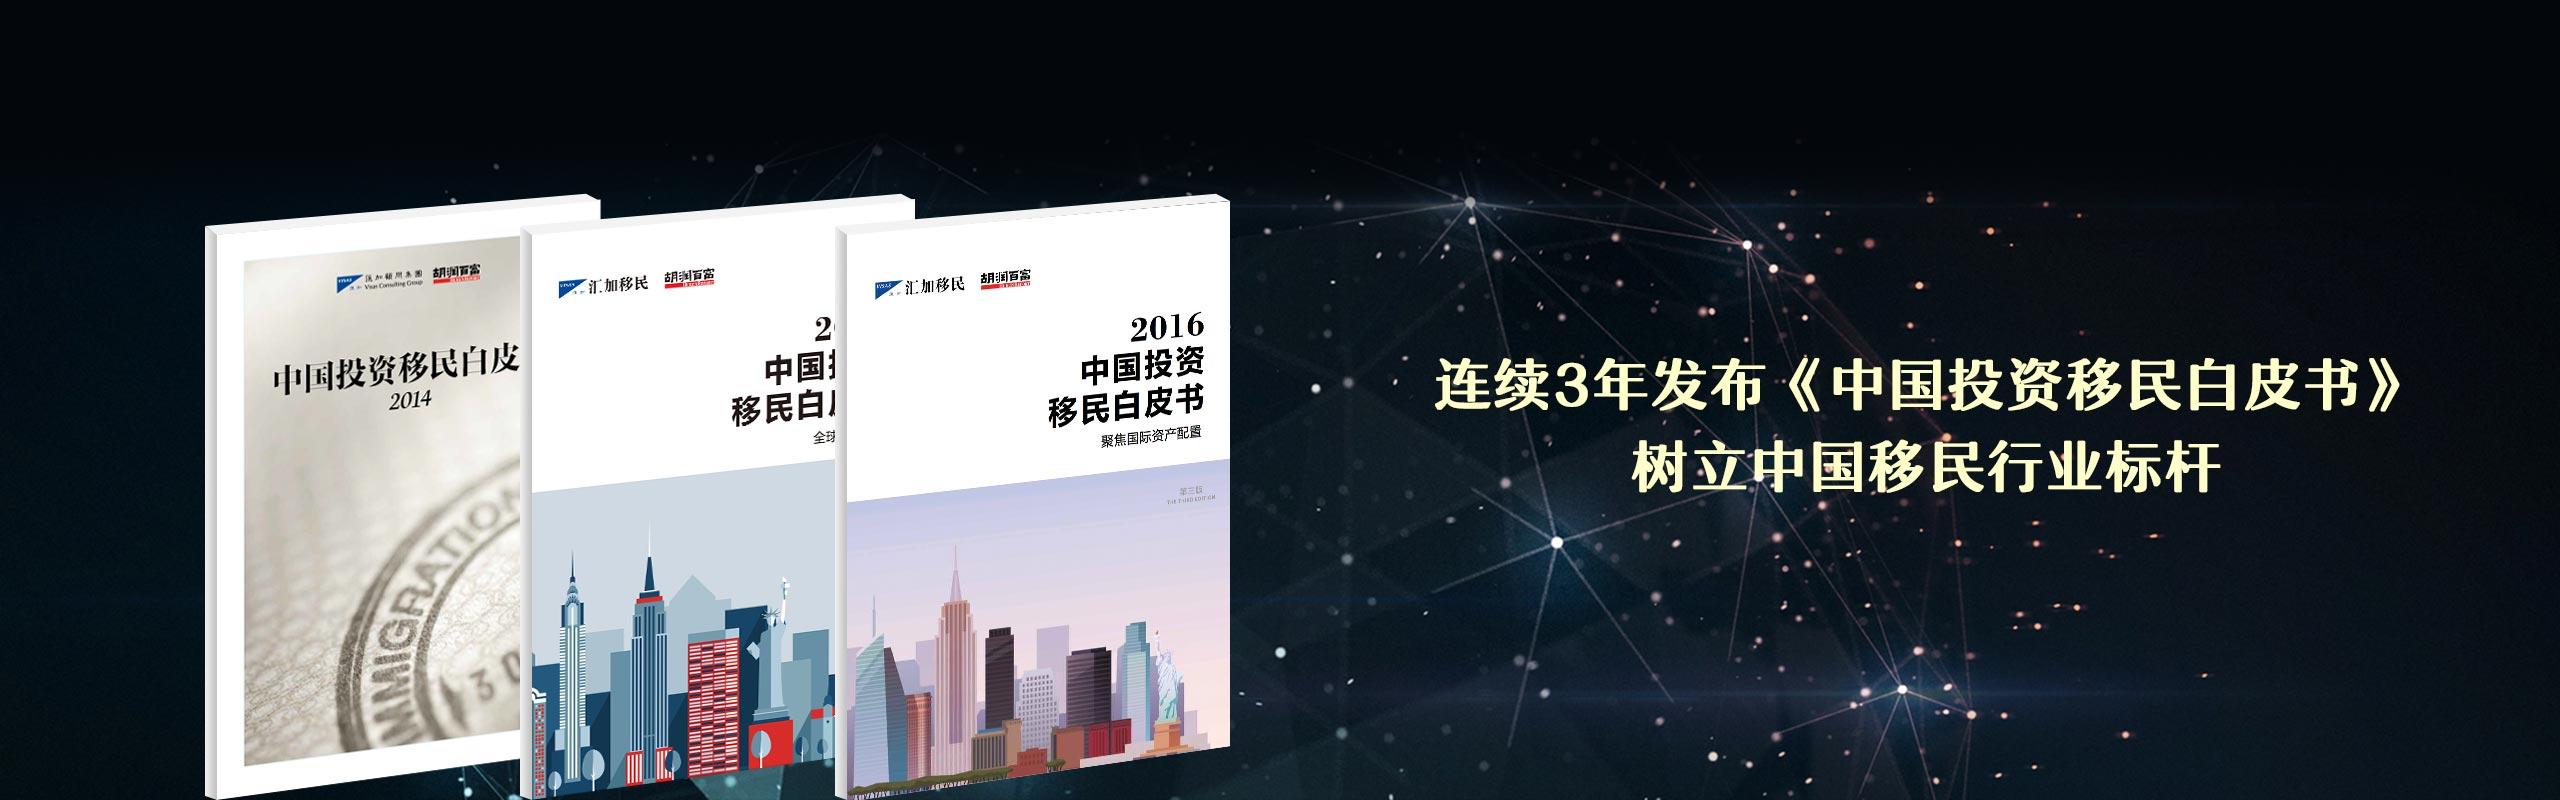 汇加移民 &#8211; 树立中国移民行业标杆<br/>《中国投资移民白皮书》调研机构